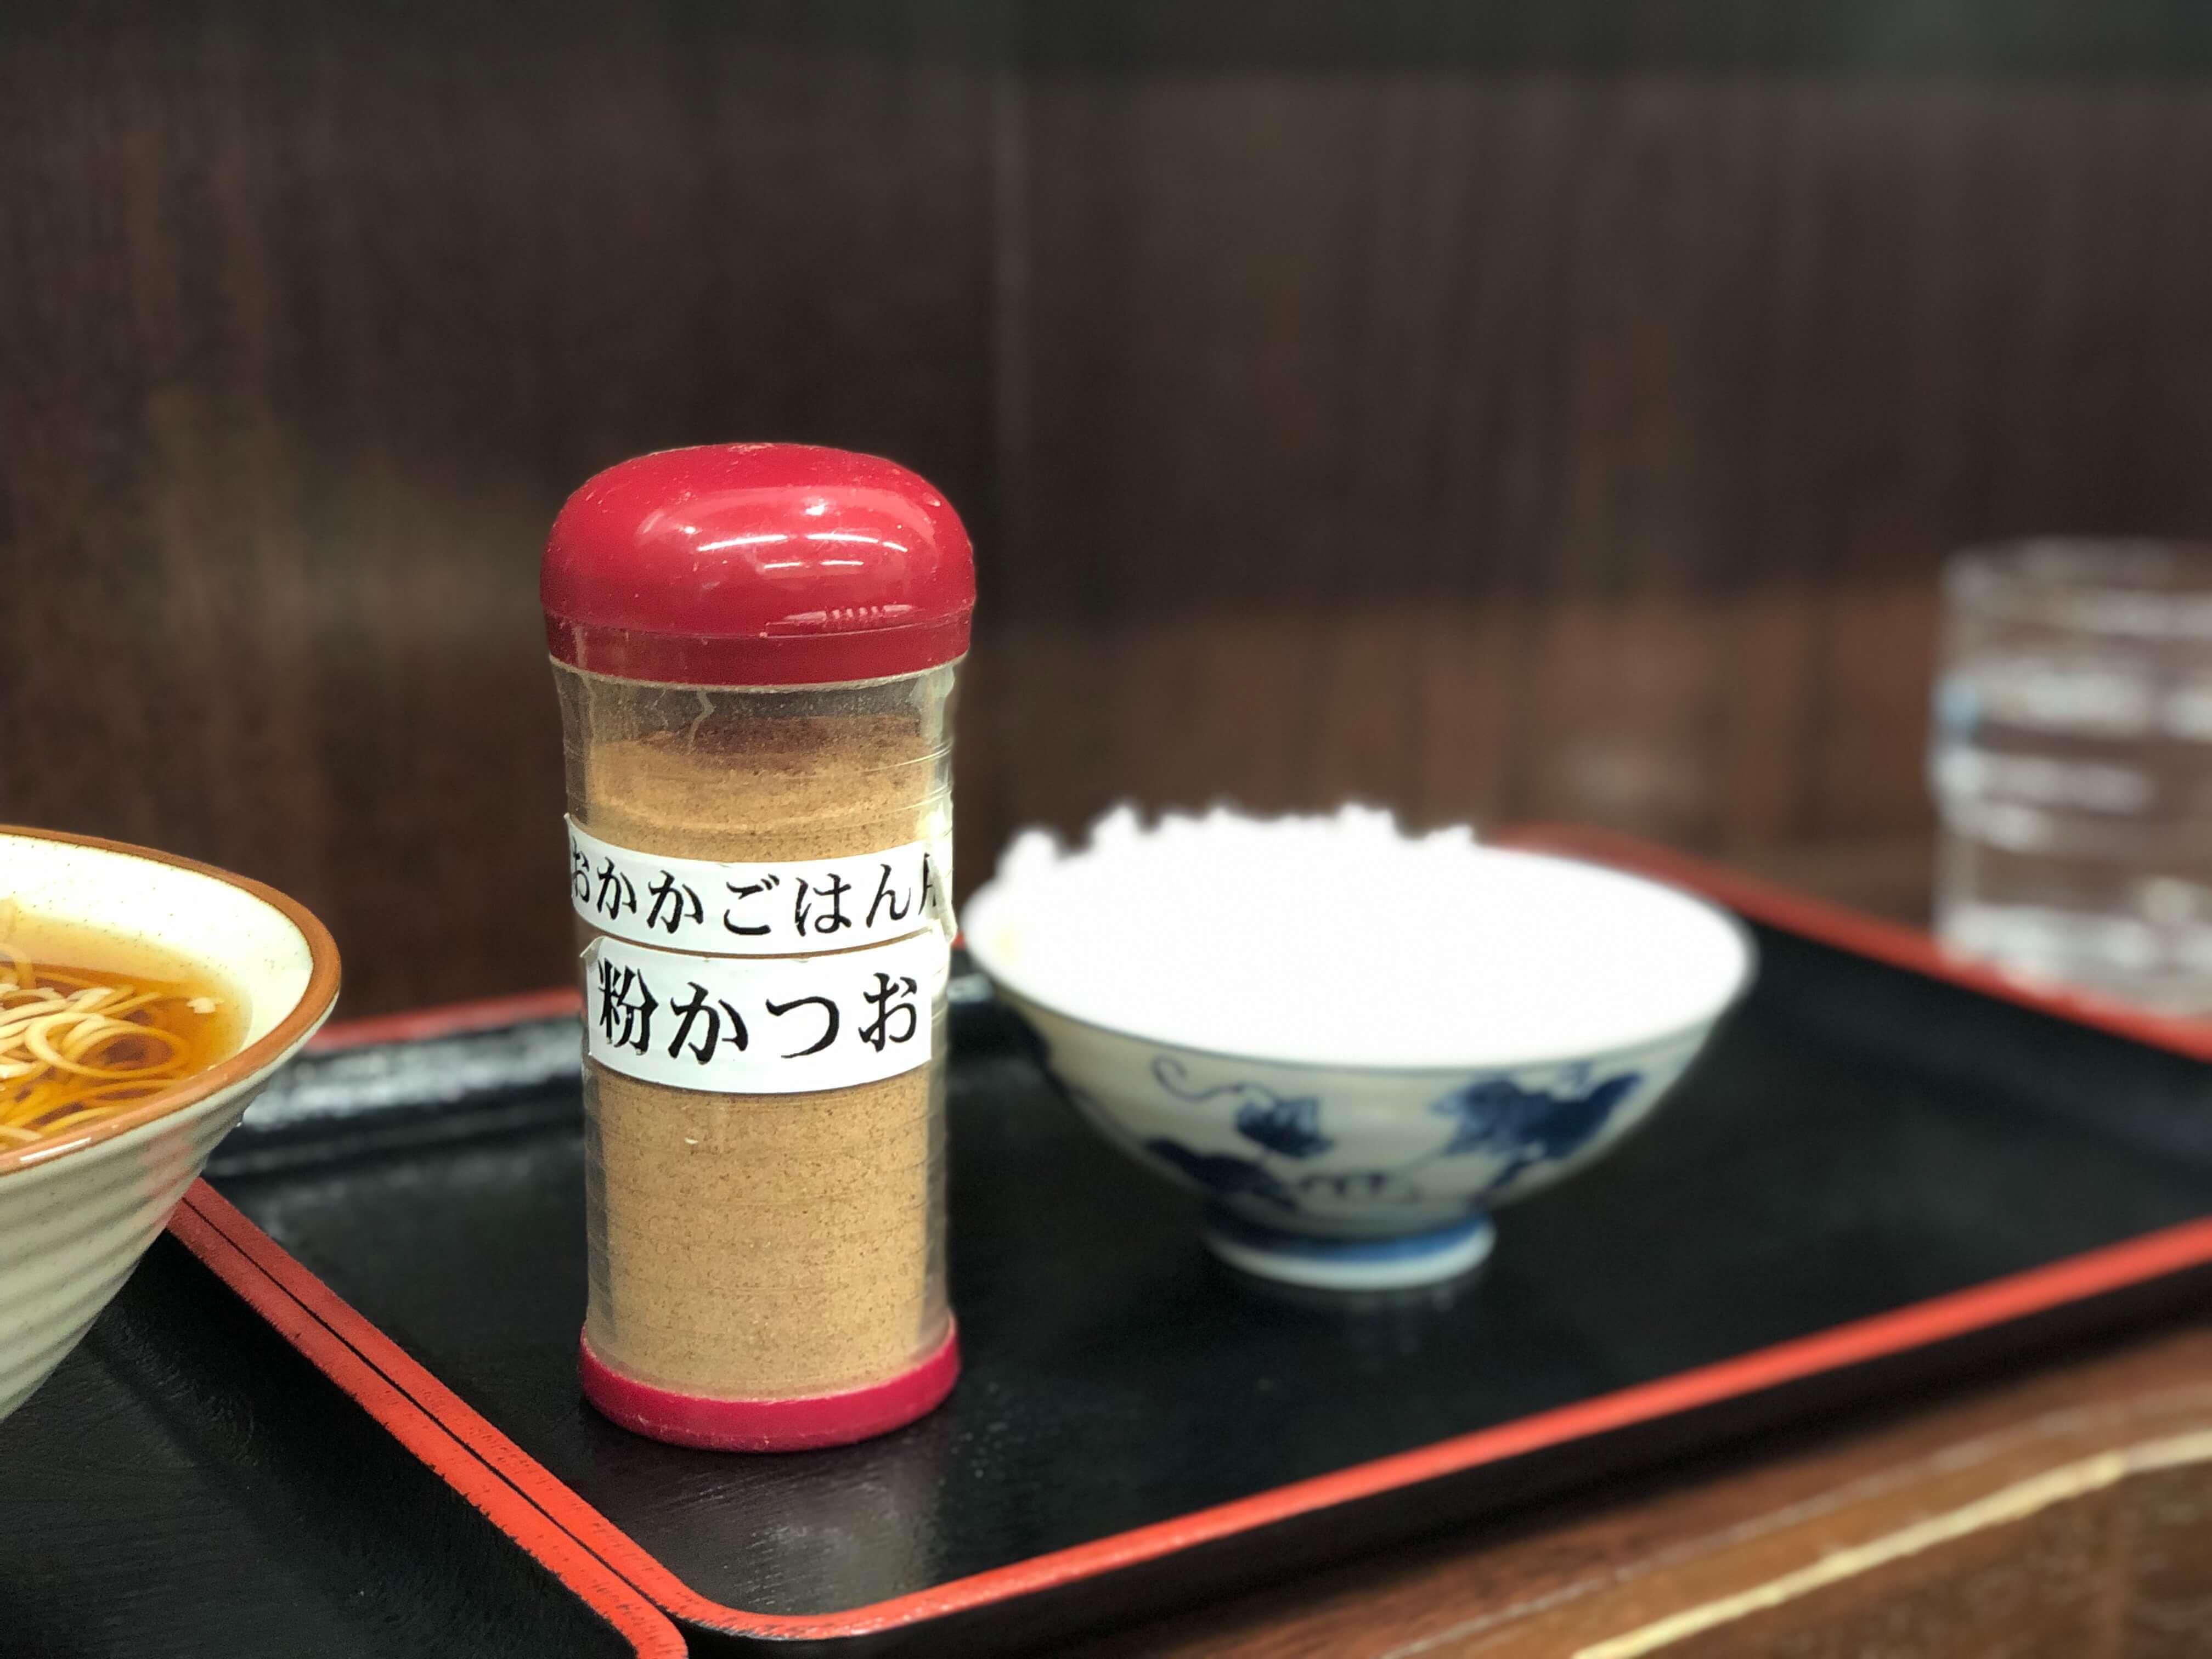 【京橋】立ち食い蕎麦屋「そばよし」のつゆとおかかご飯は評判通り秀逸